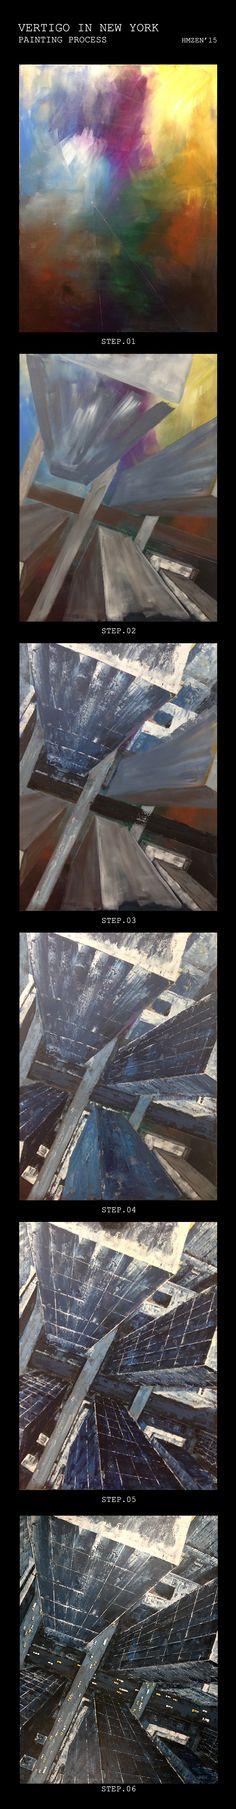 Proceso de creación del acrílico con espátula y muchos puntos de fuga - Vértigo en Nueva York.  Creation process of acrylic with spatula and a lot of vanishing points -Vertigo in New York.  HMZEN'15